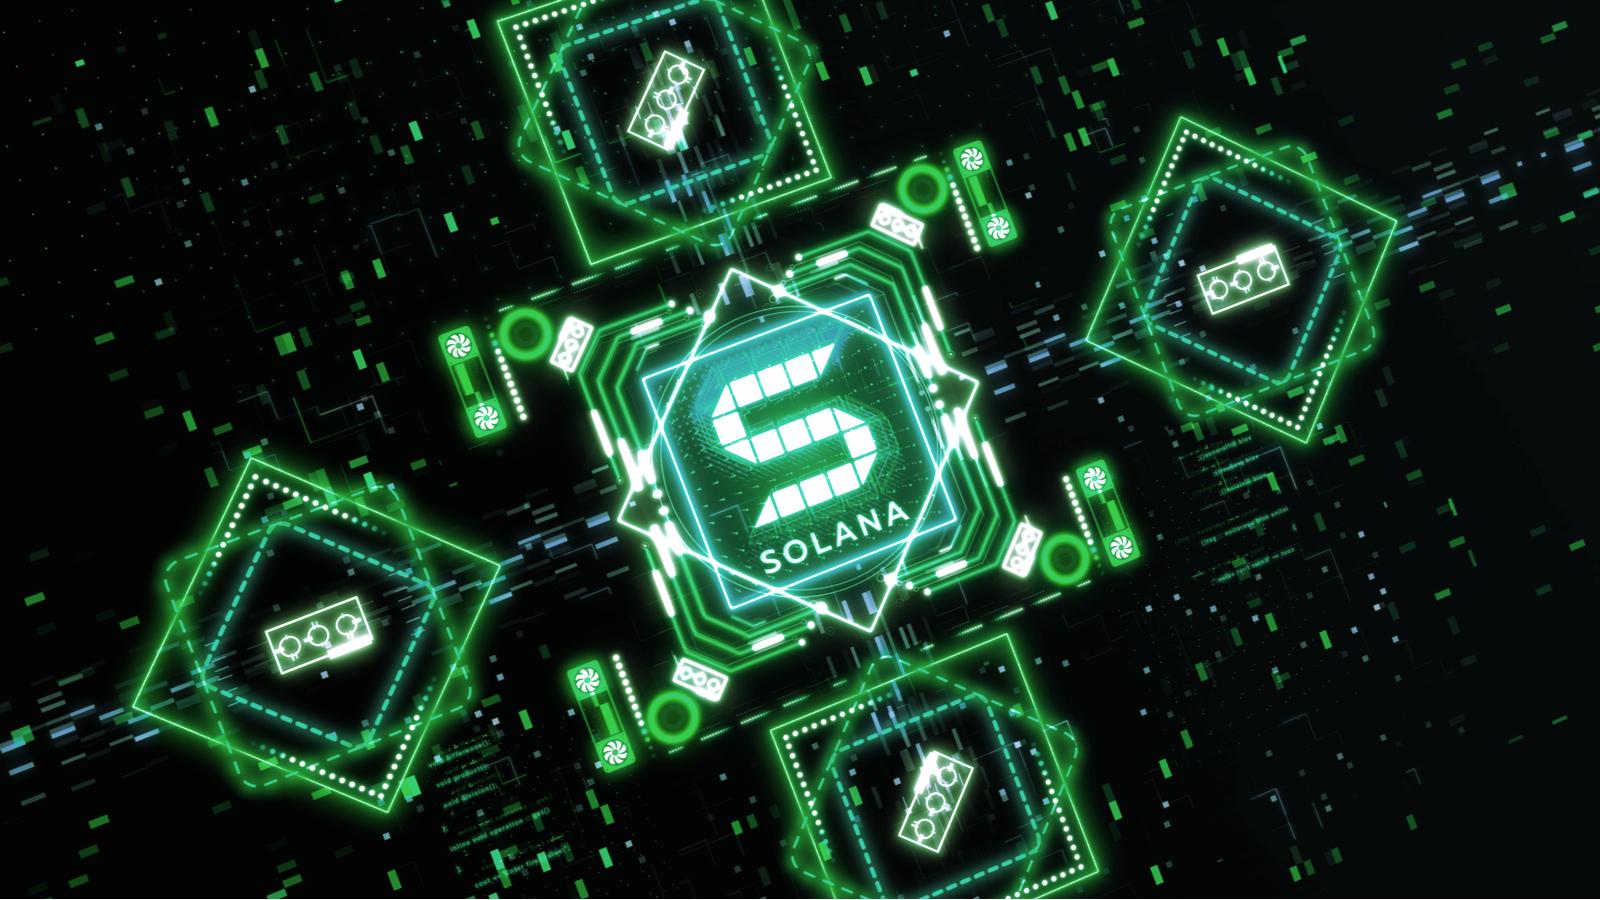 Solana Rallies 9% as Global Crypto Market Surges to $2.3 Trillion